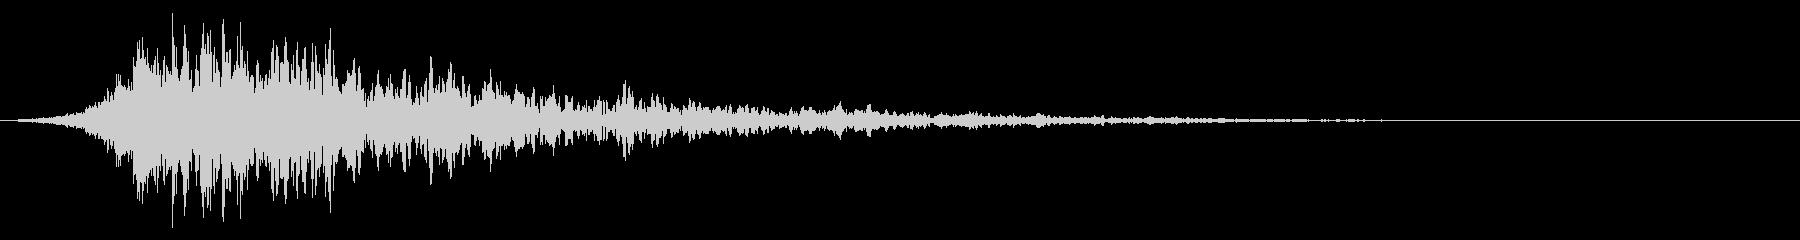 シュードーン-43-2(インパクト音)の未再生の波形